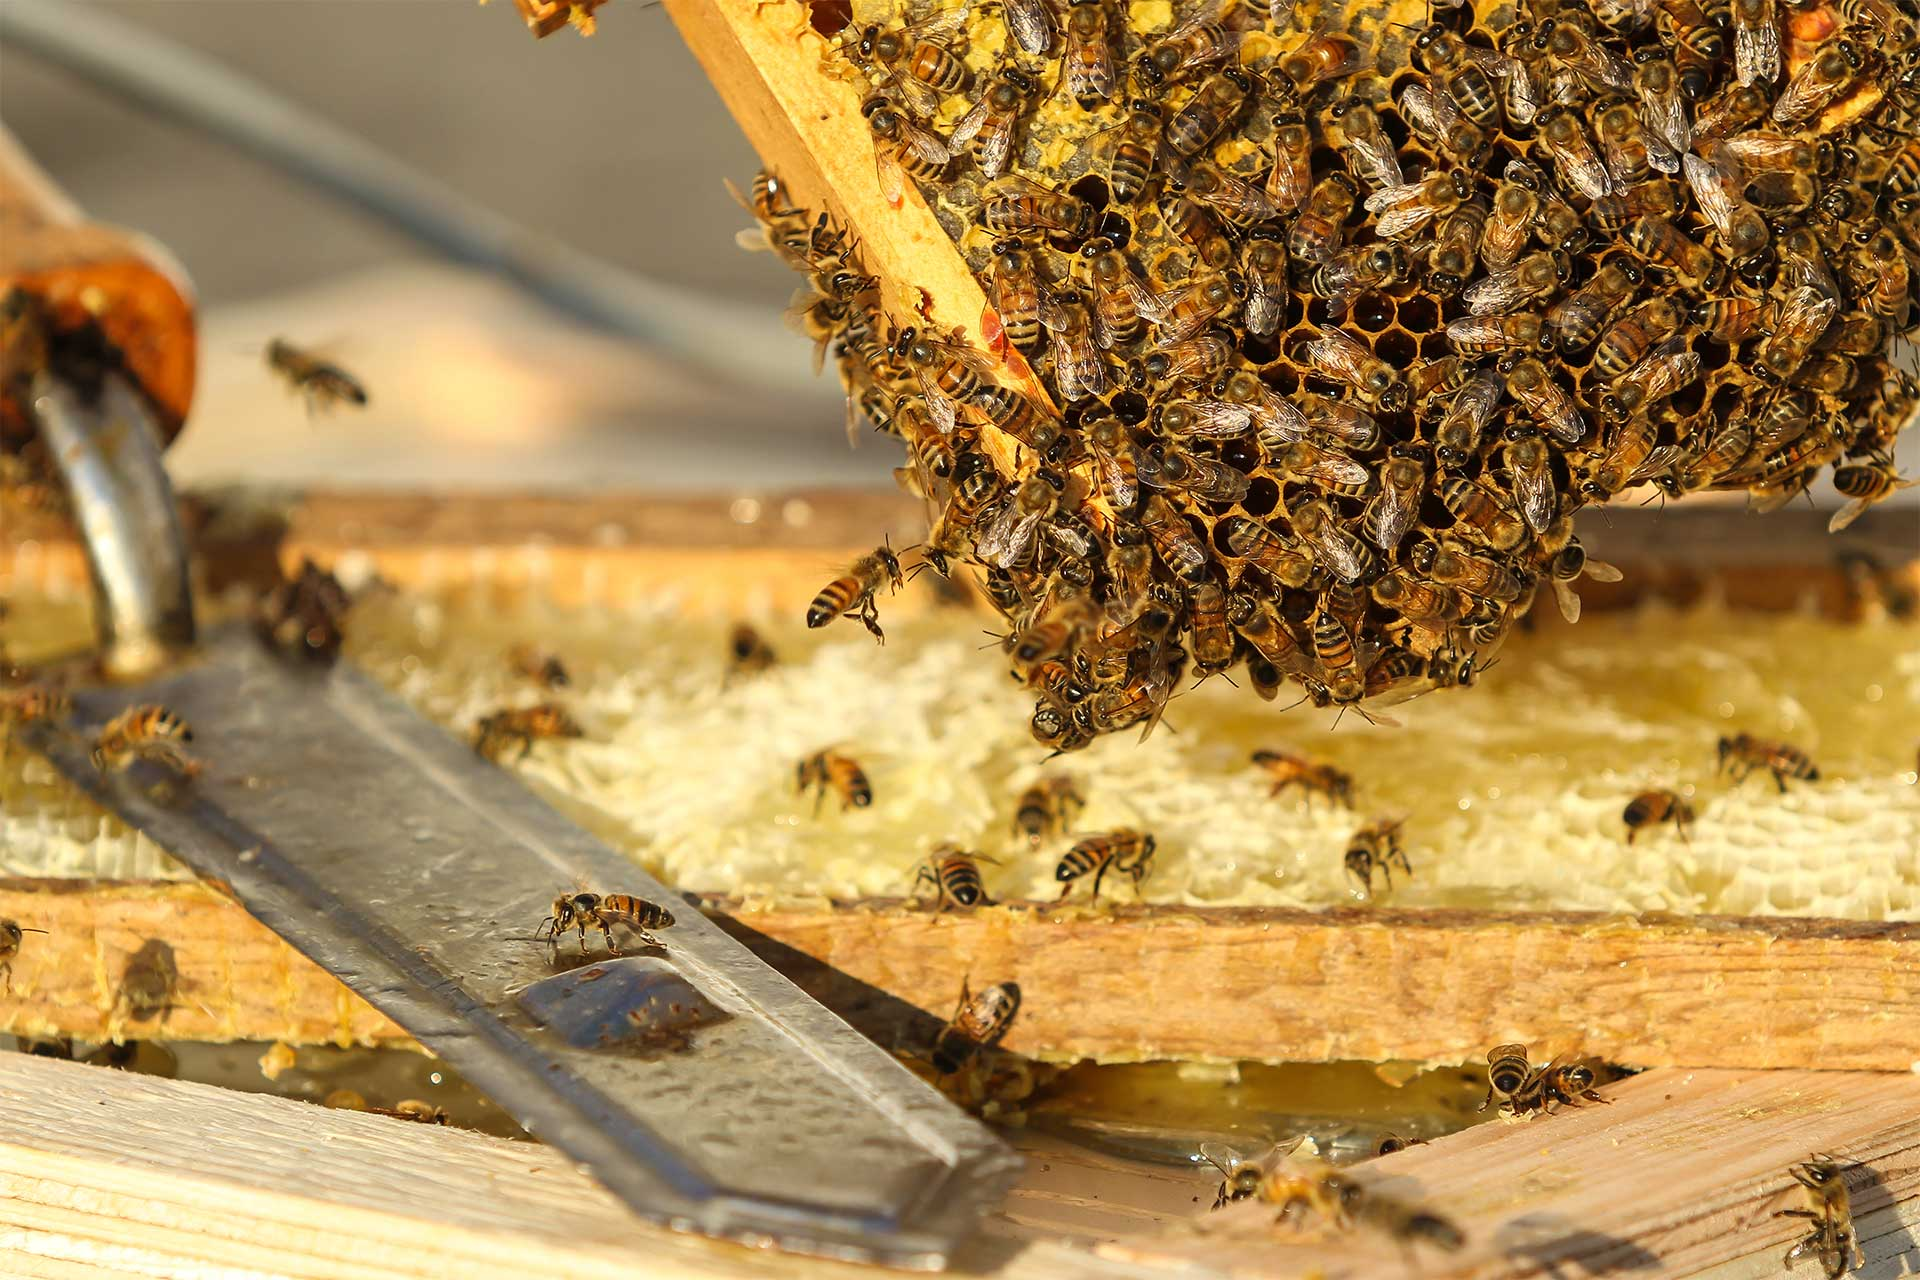 Abeilles sur un plateau de ruche en bois, un couteau à désoperculer est posé sur la ruche